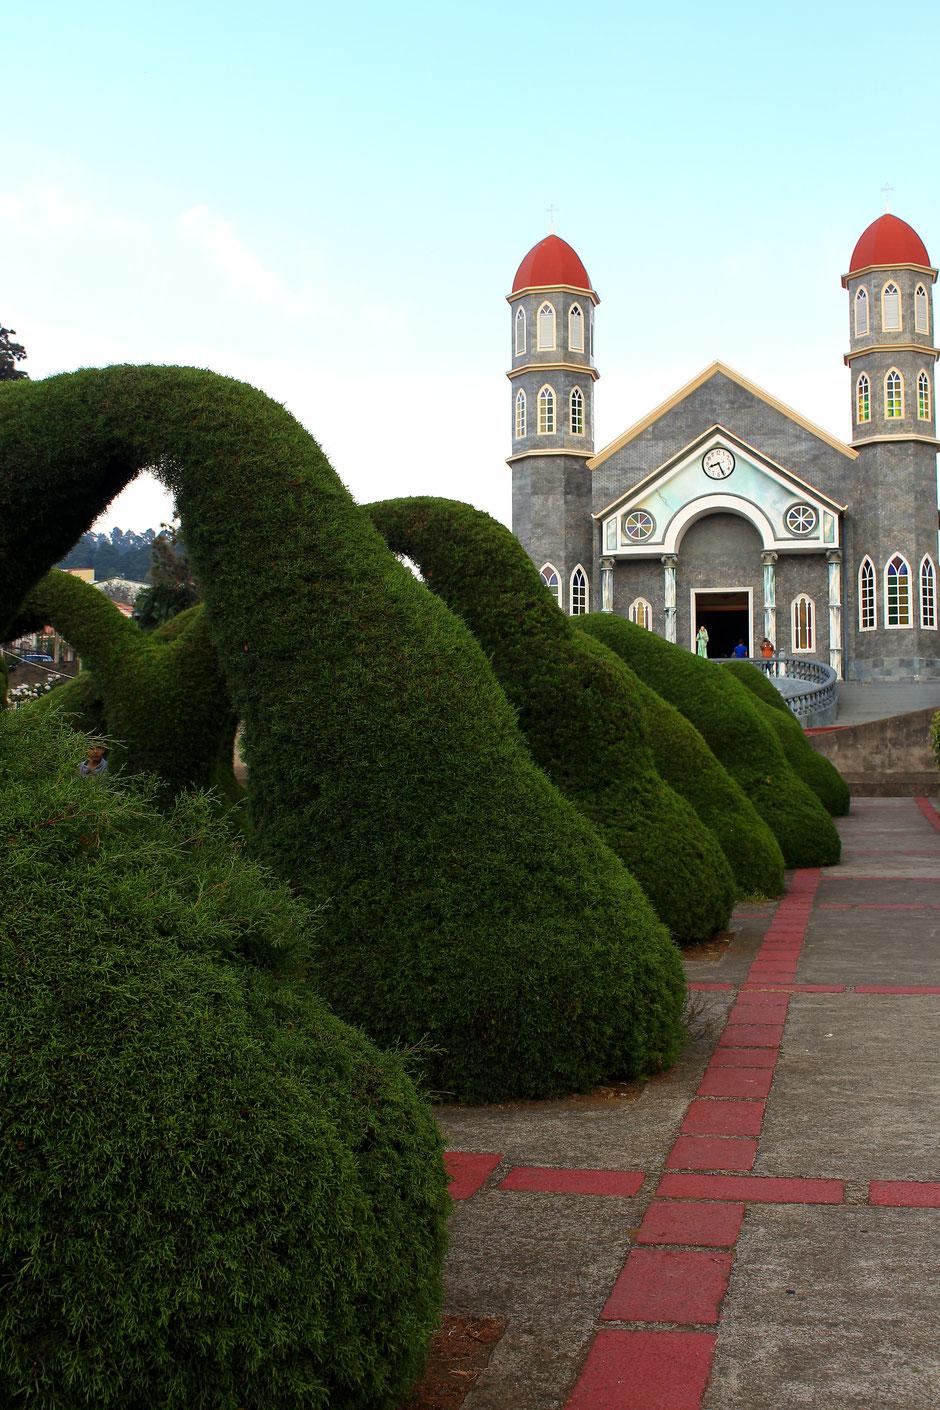 Sarchi et Zarcero, Road trip de 3 semaines au COSTA RICA. www.missaventure.com blog voyage d'aventures, nature et photos